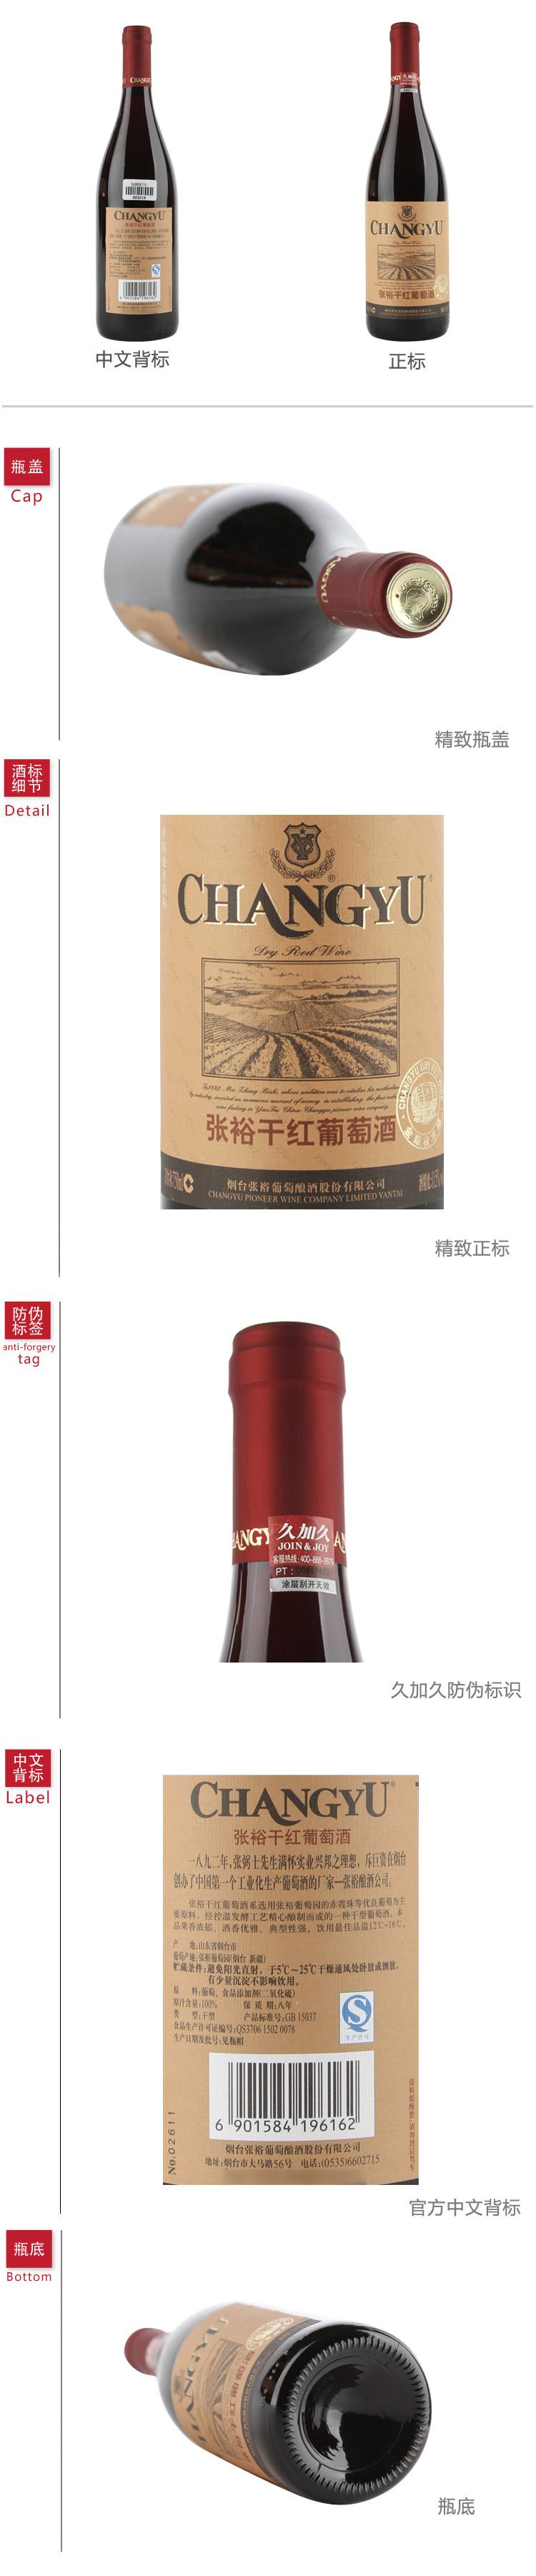 【张裕】国产红酒 张裕金版橡木桶干红葡萄酒